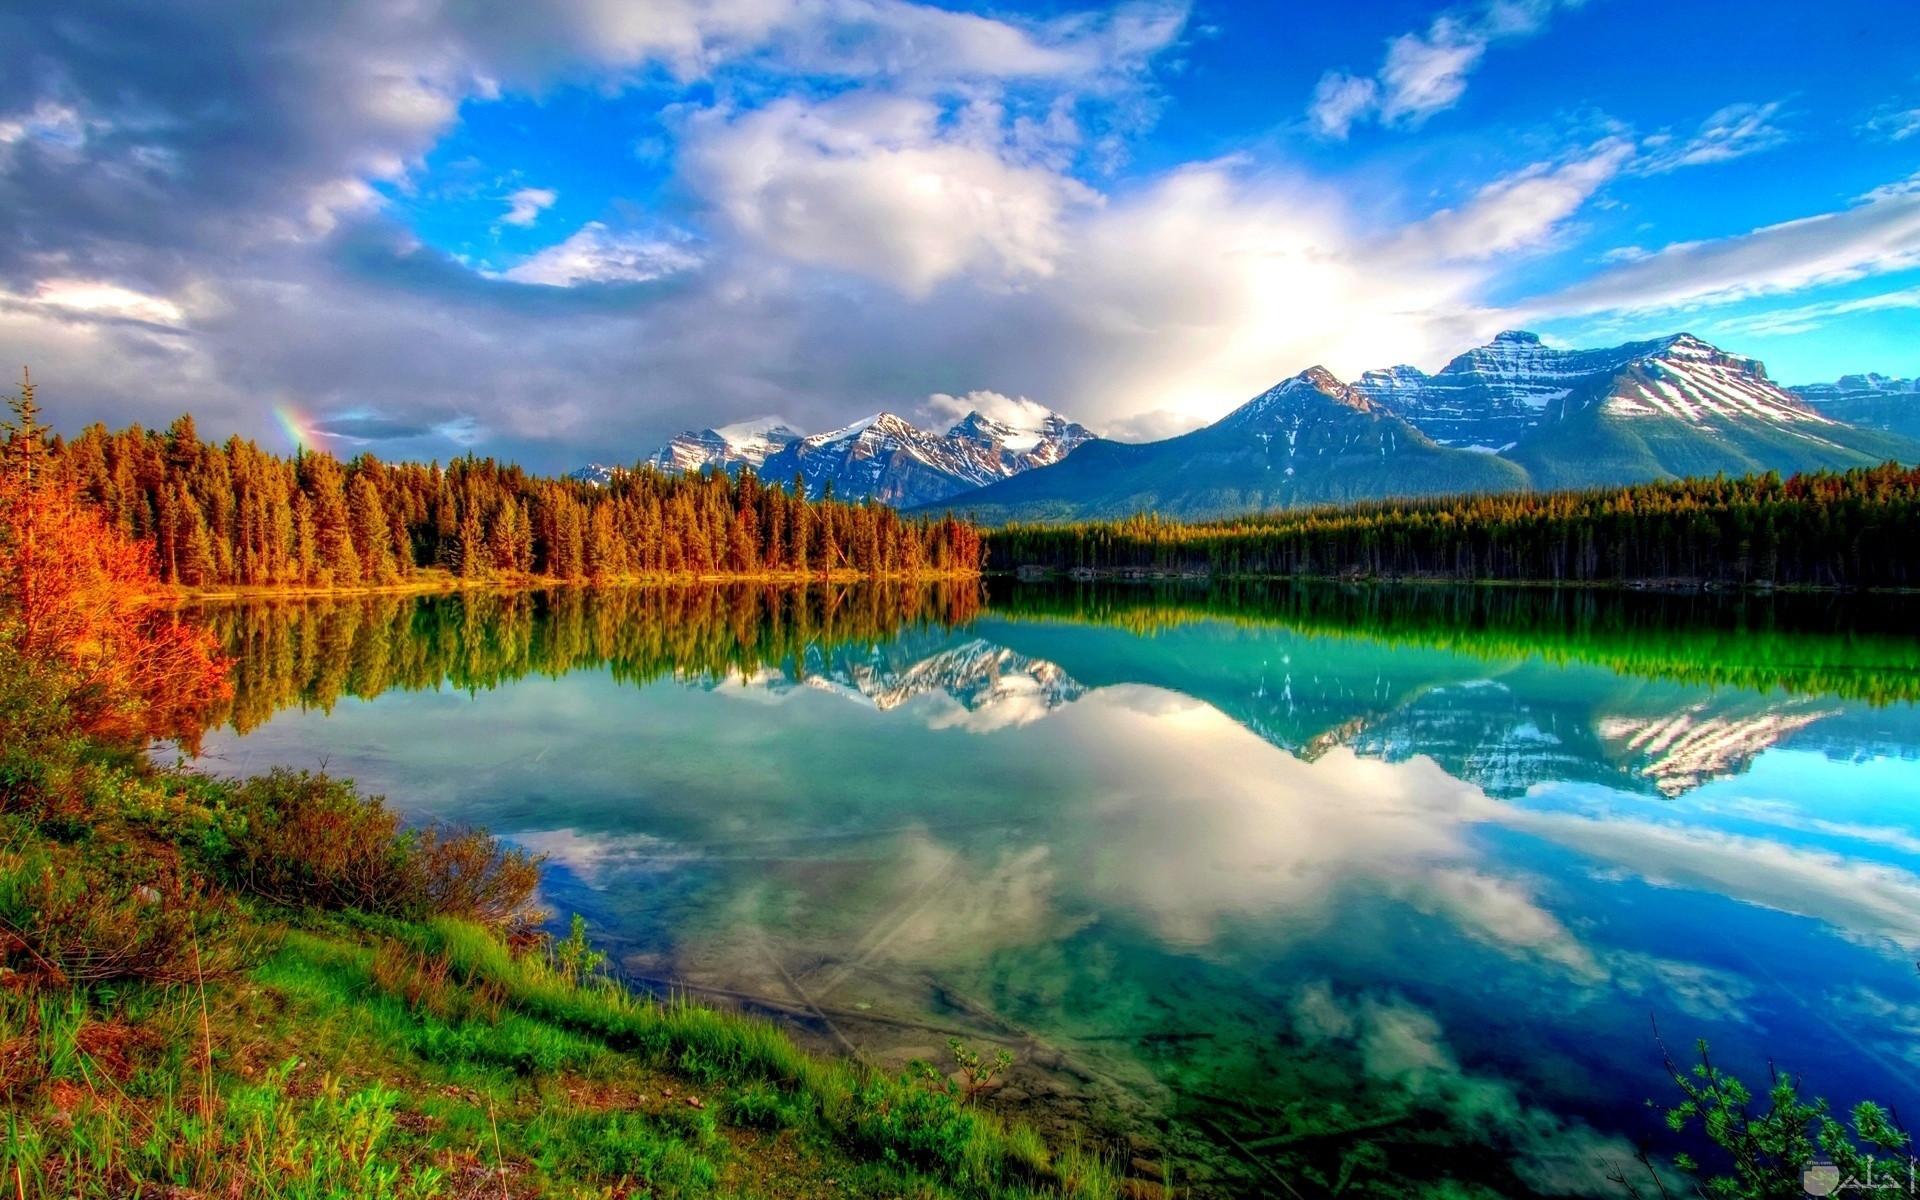 من اروع مناظر الطبيعة بحيرة رائعة جدا